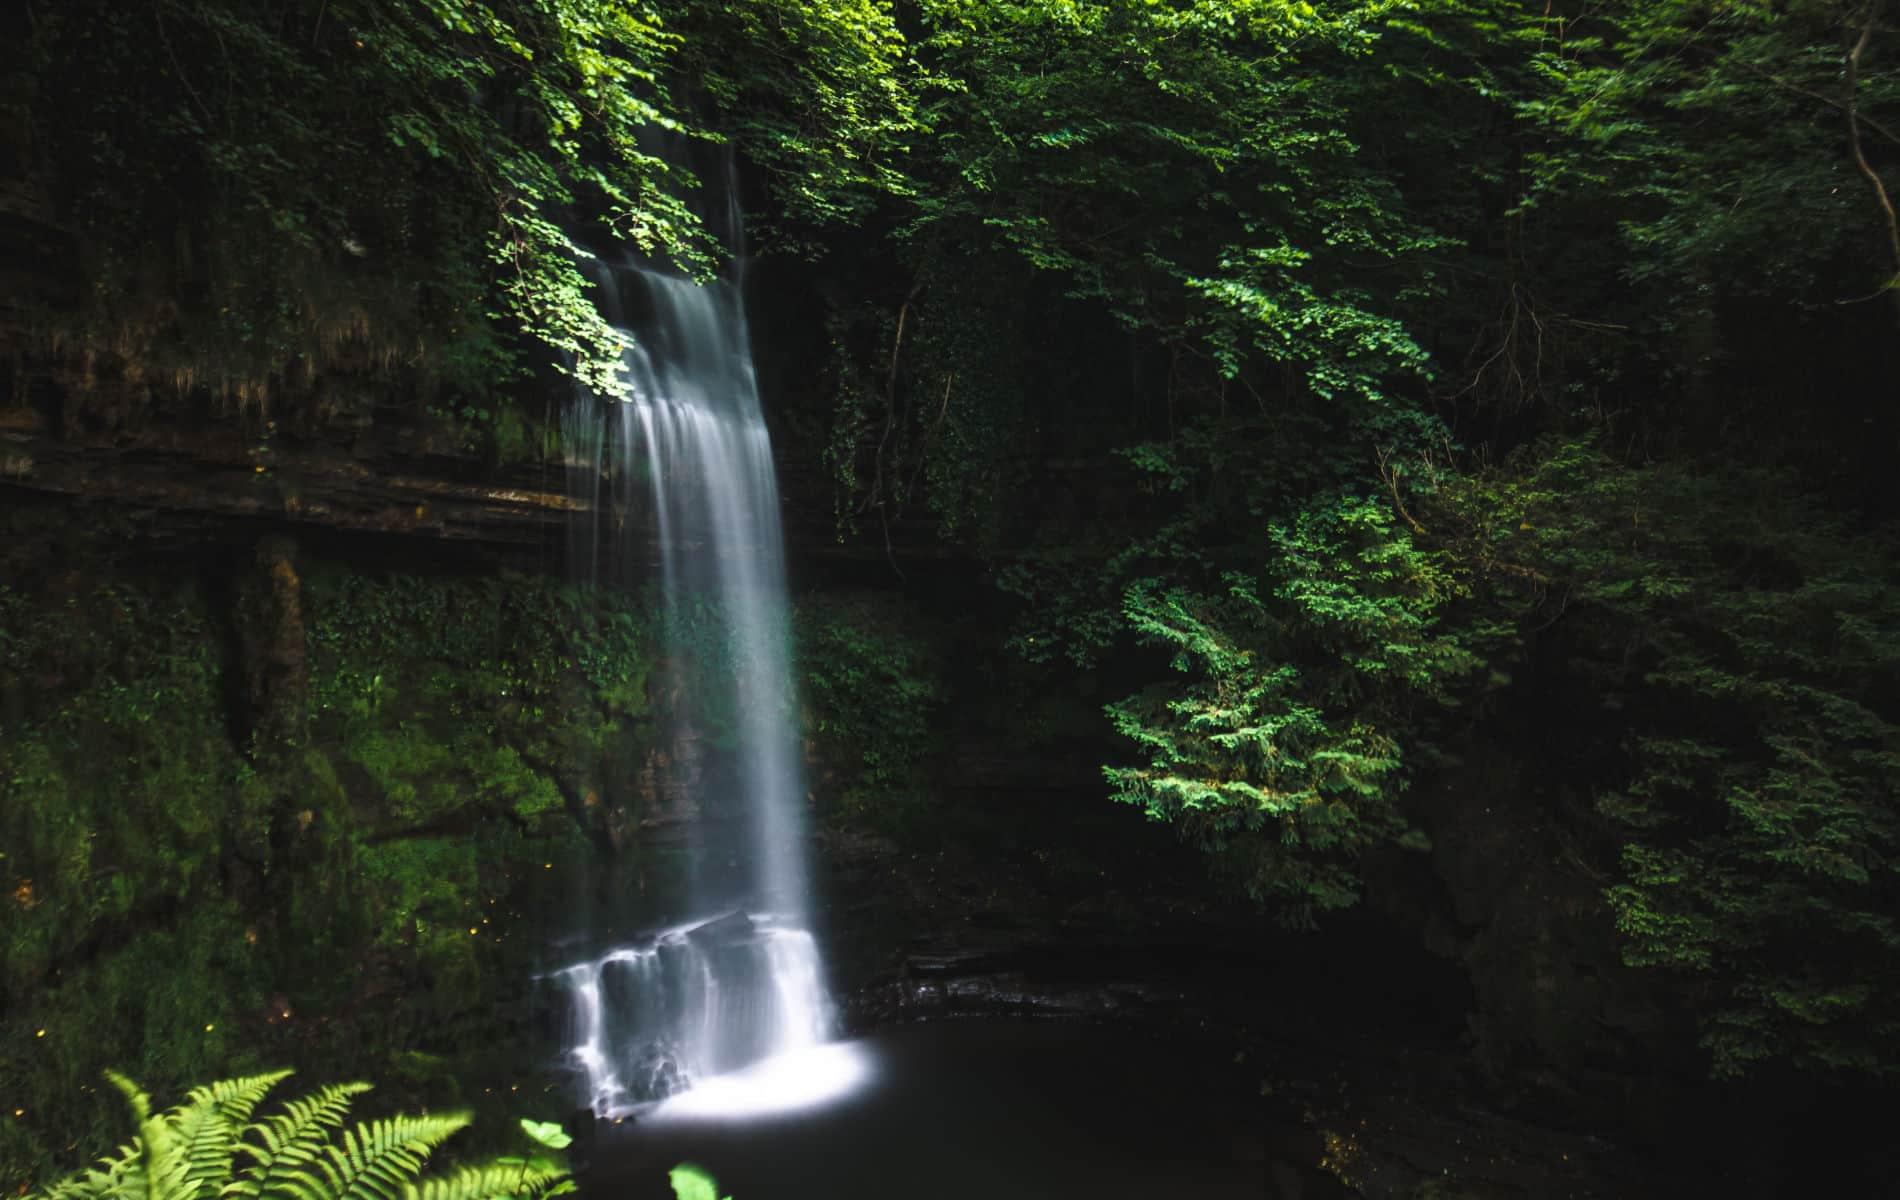 Wasserfall in der Natur - Nachhaltige Biohacks